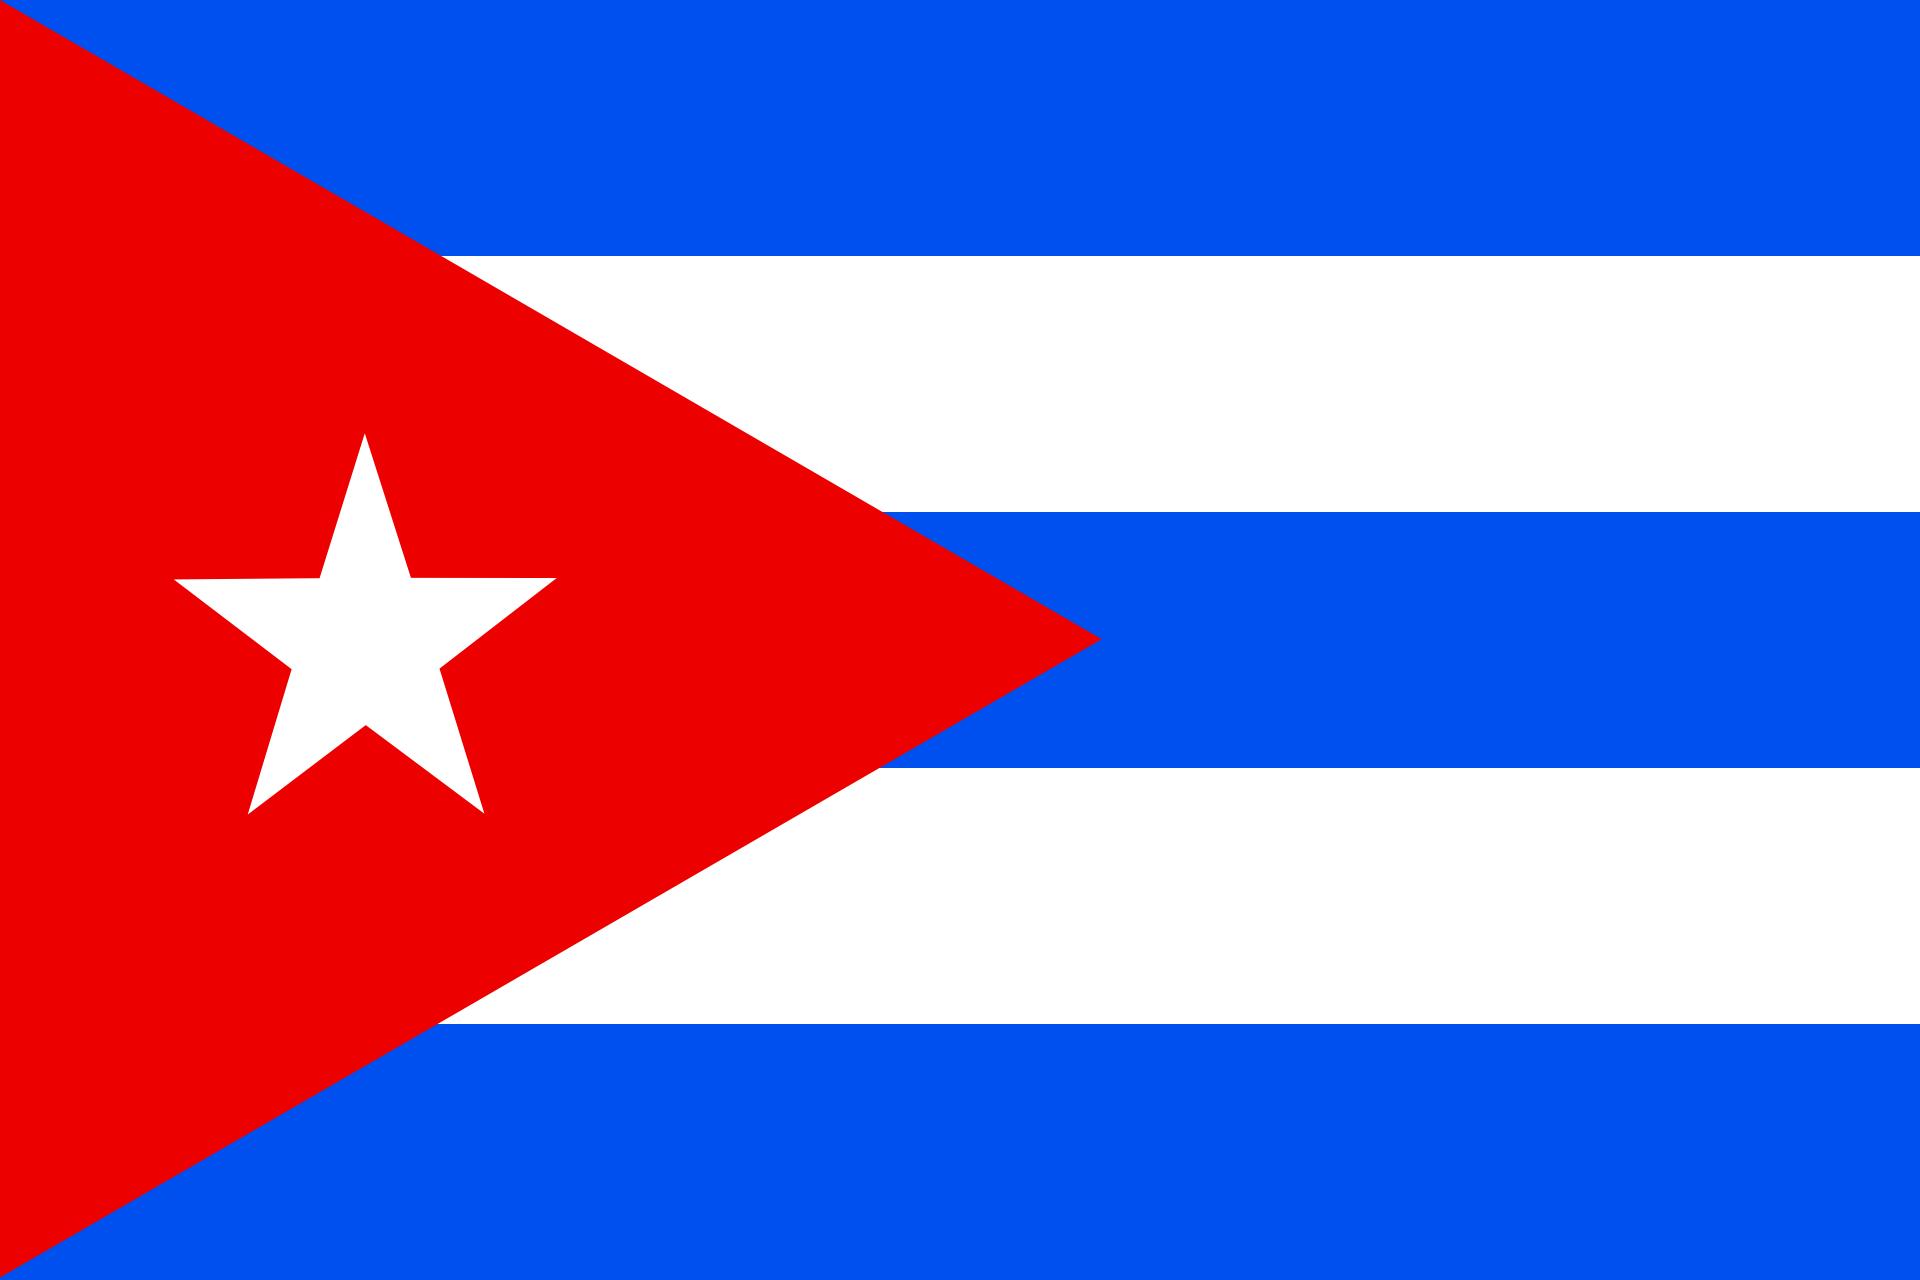 bandera de cuba png